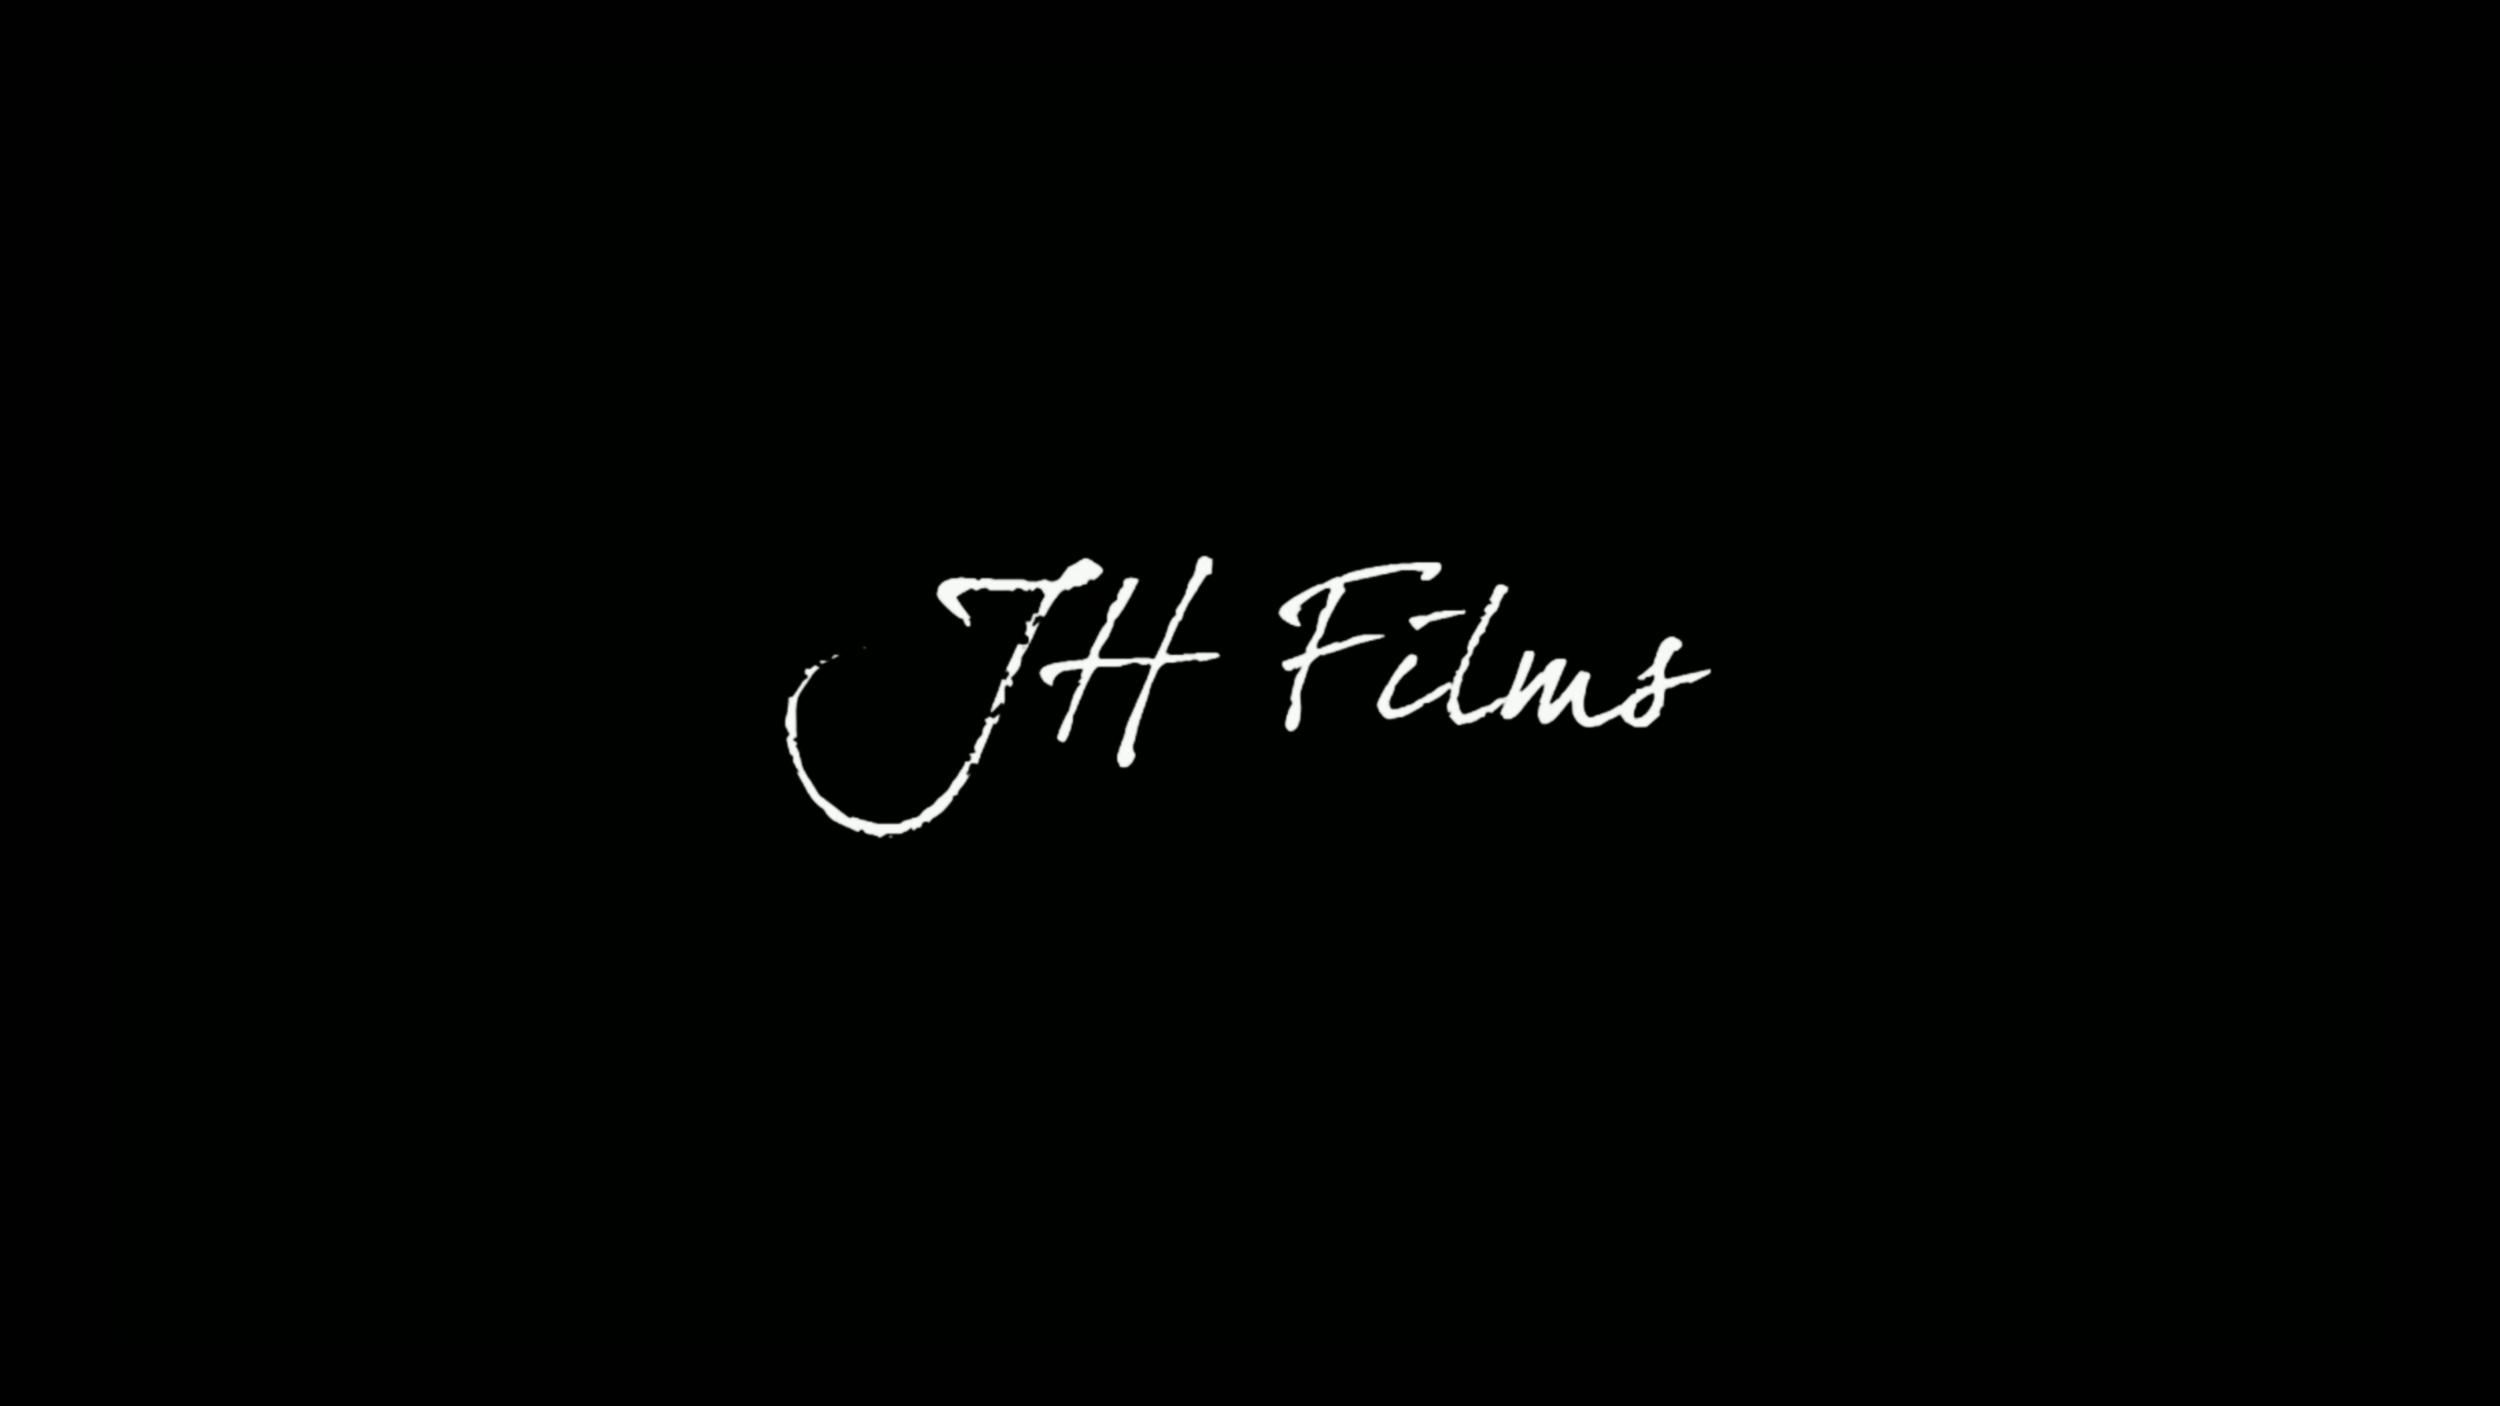 JH Films (Videography)